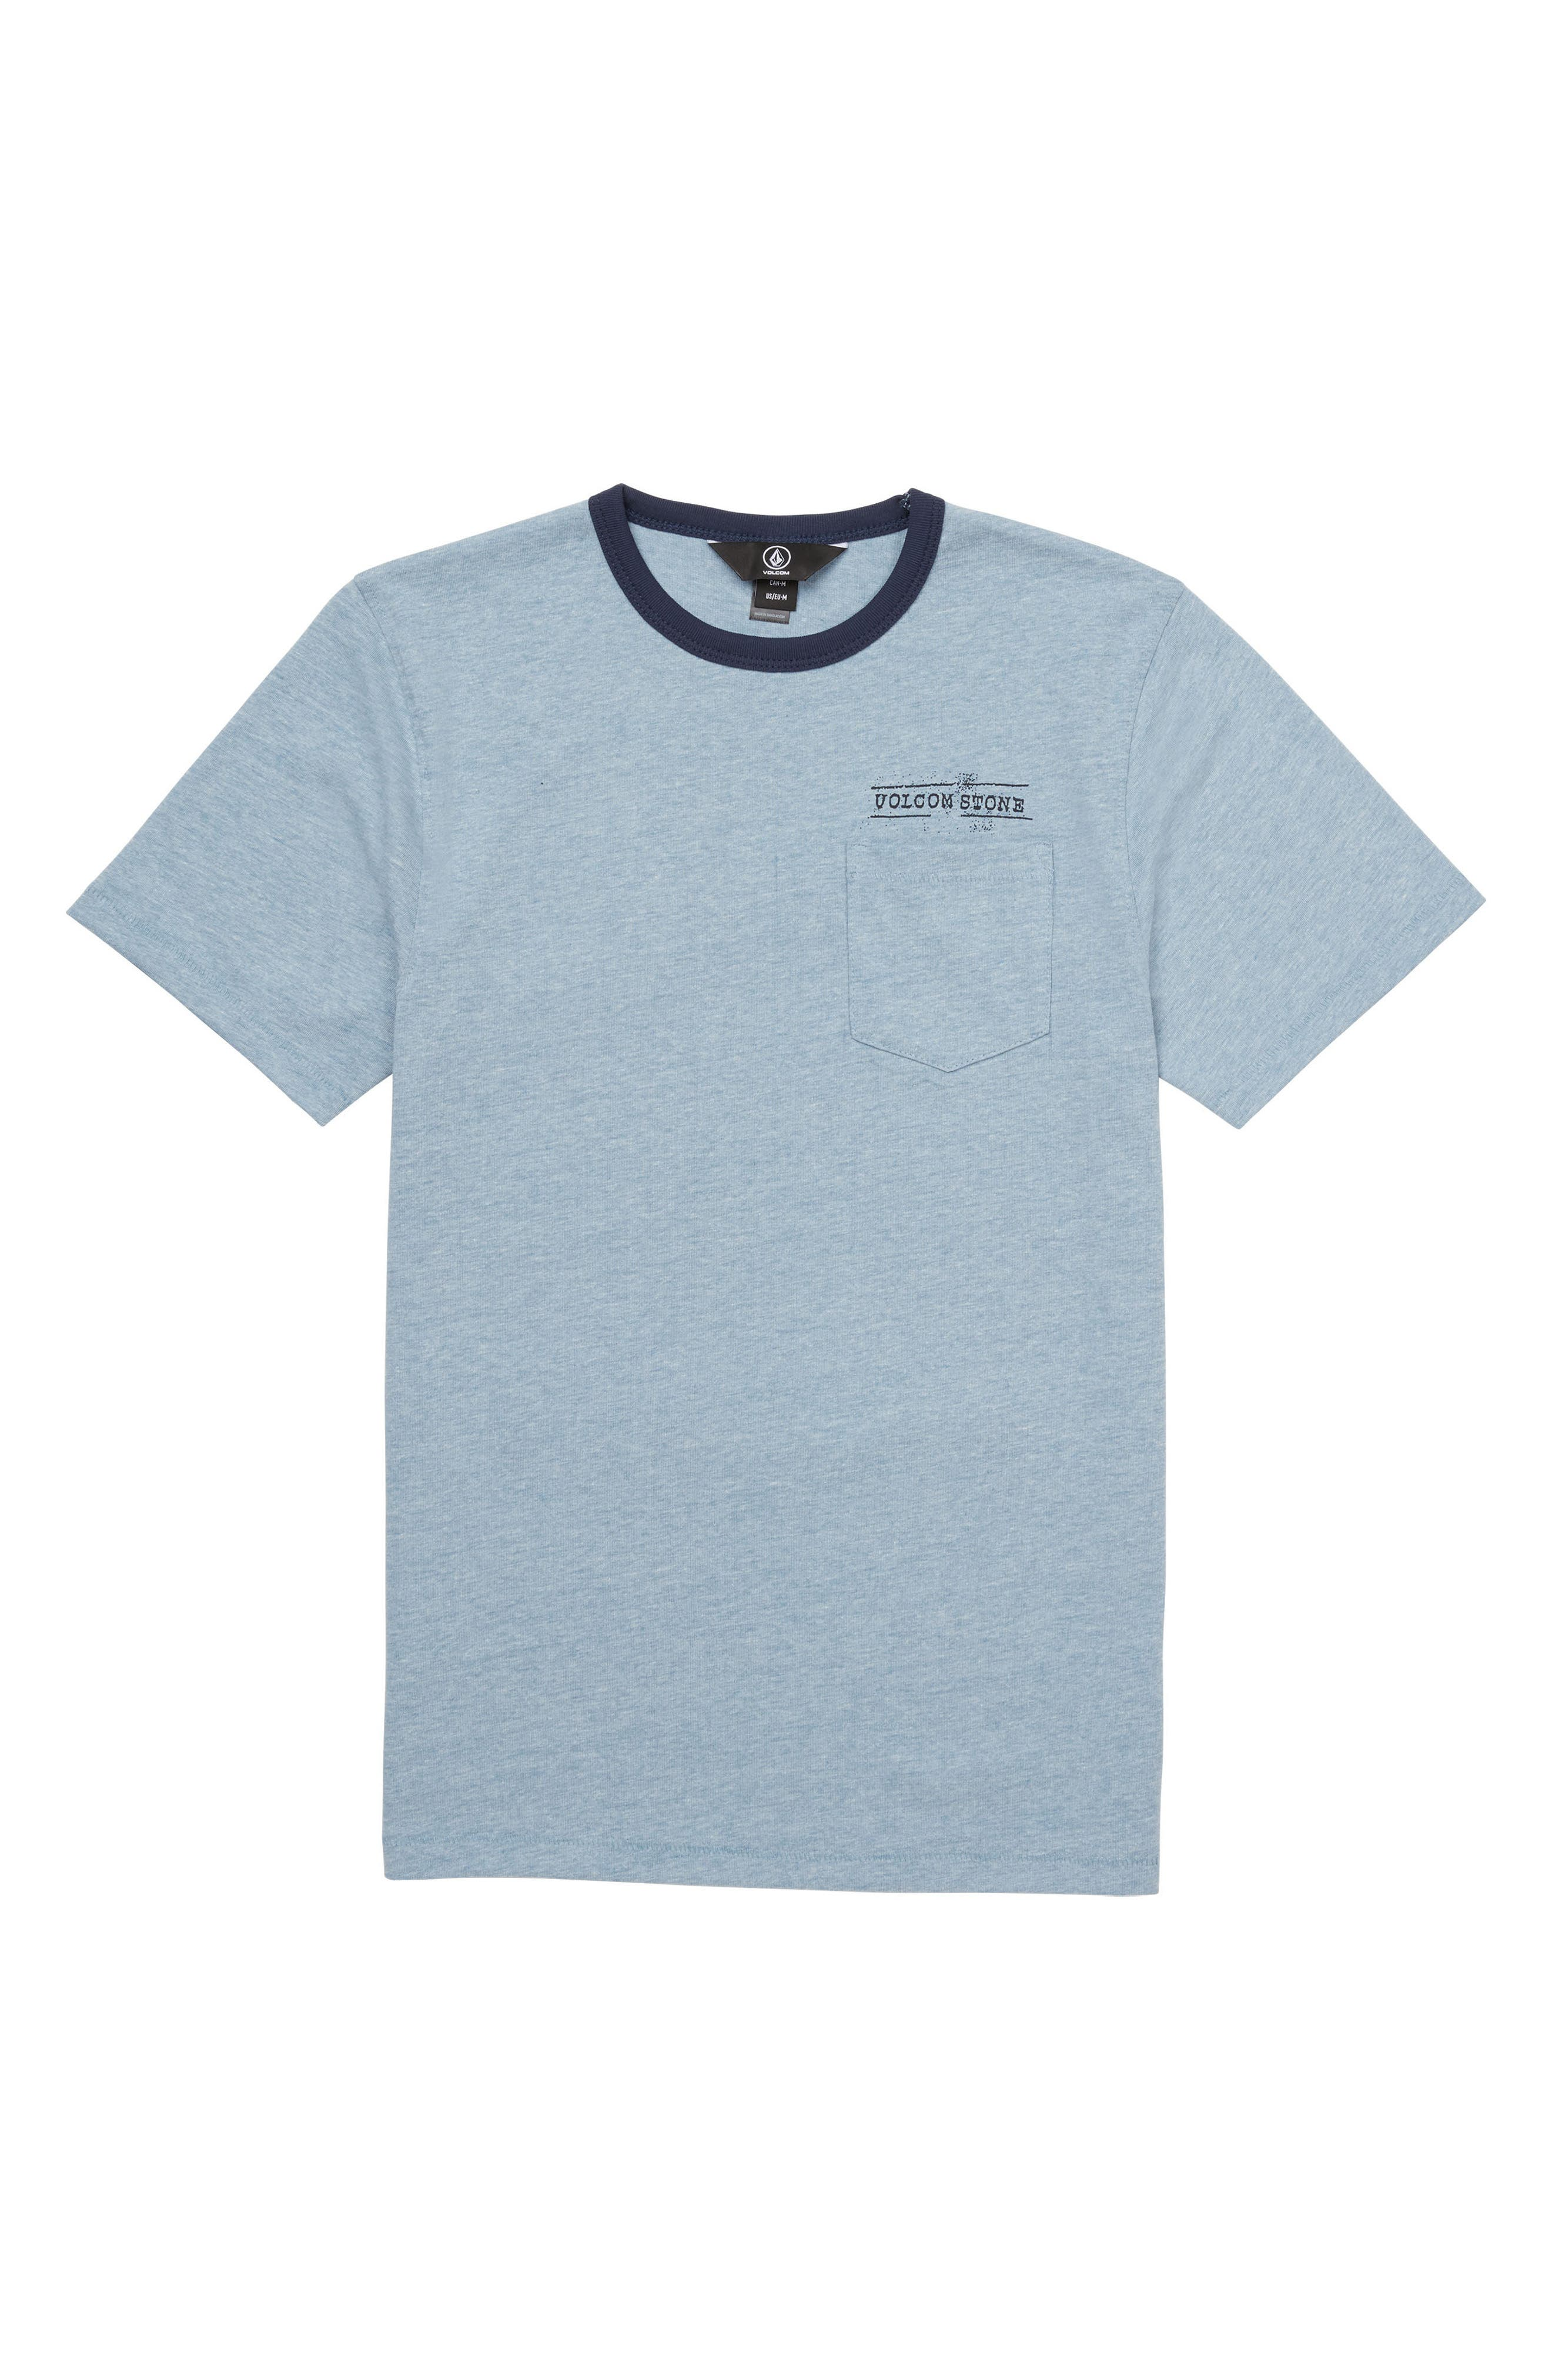 Point Place Crewneck T-Shirt,                             Main thumbnail 1, color,                             405